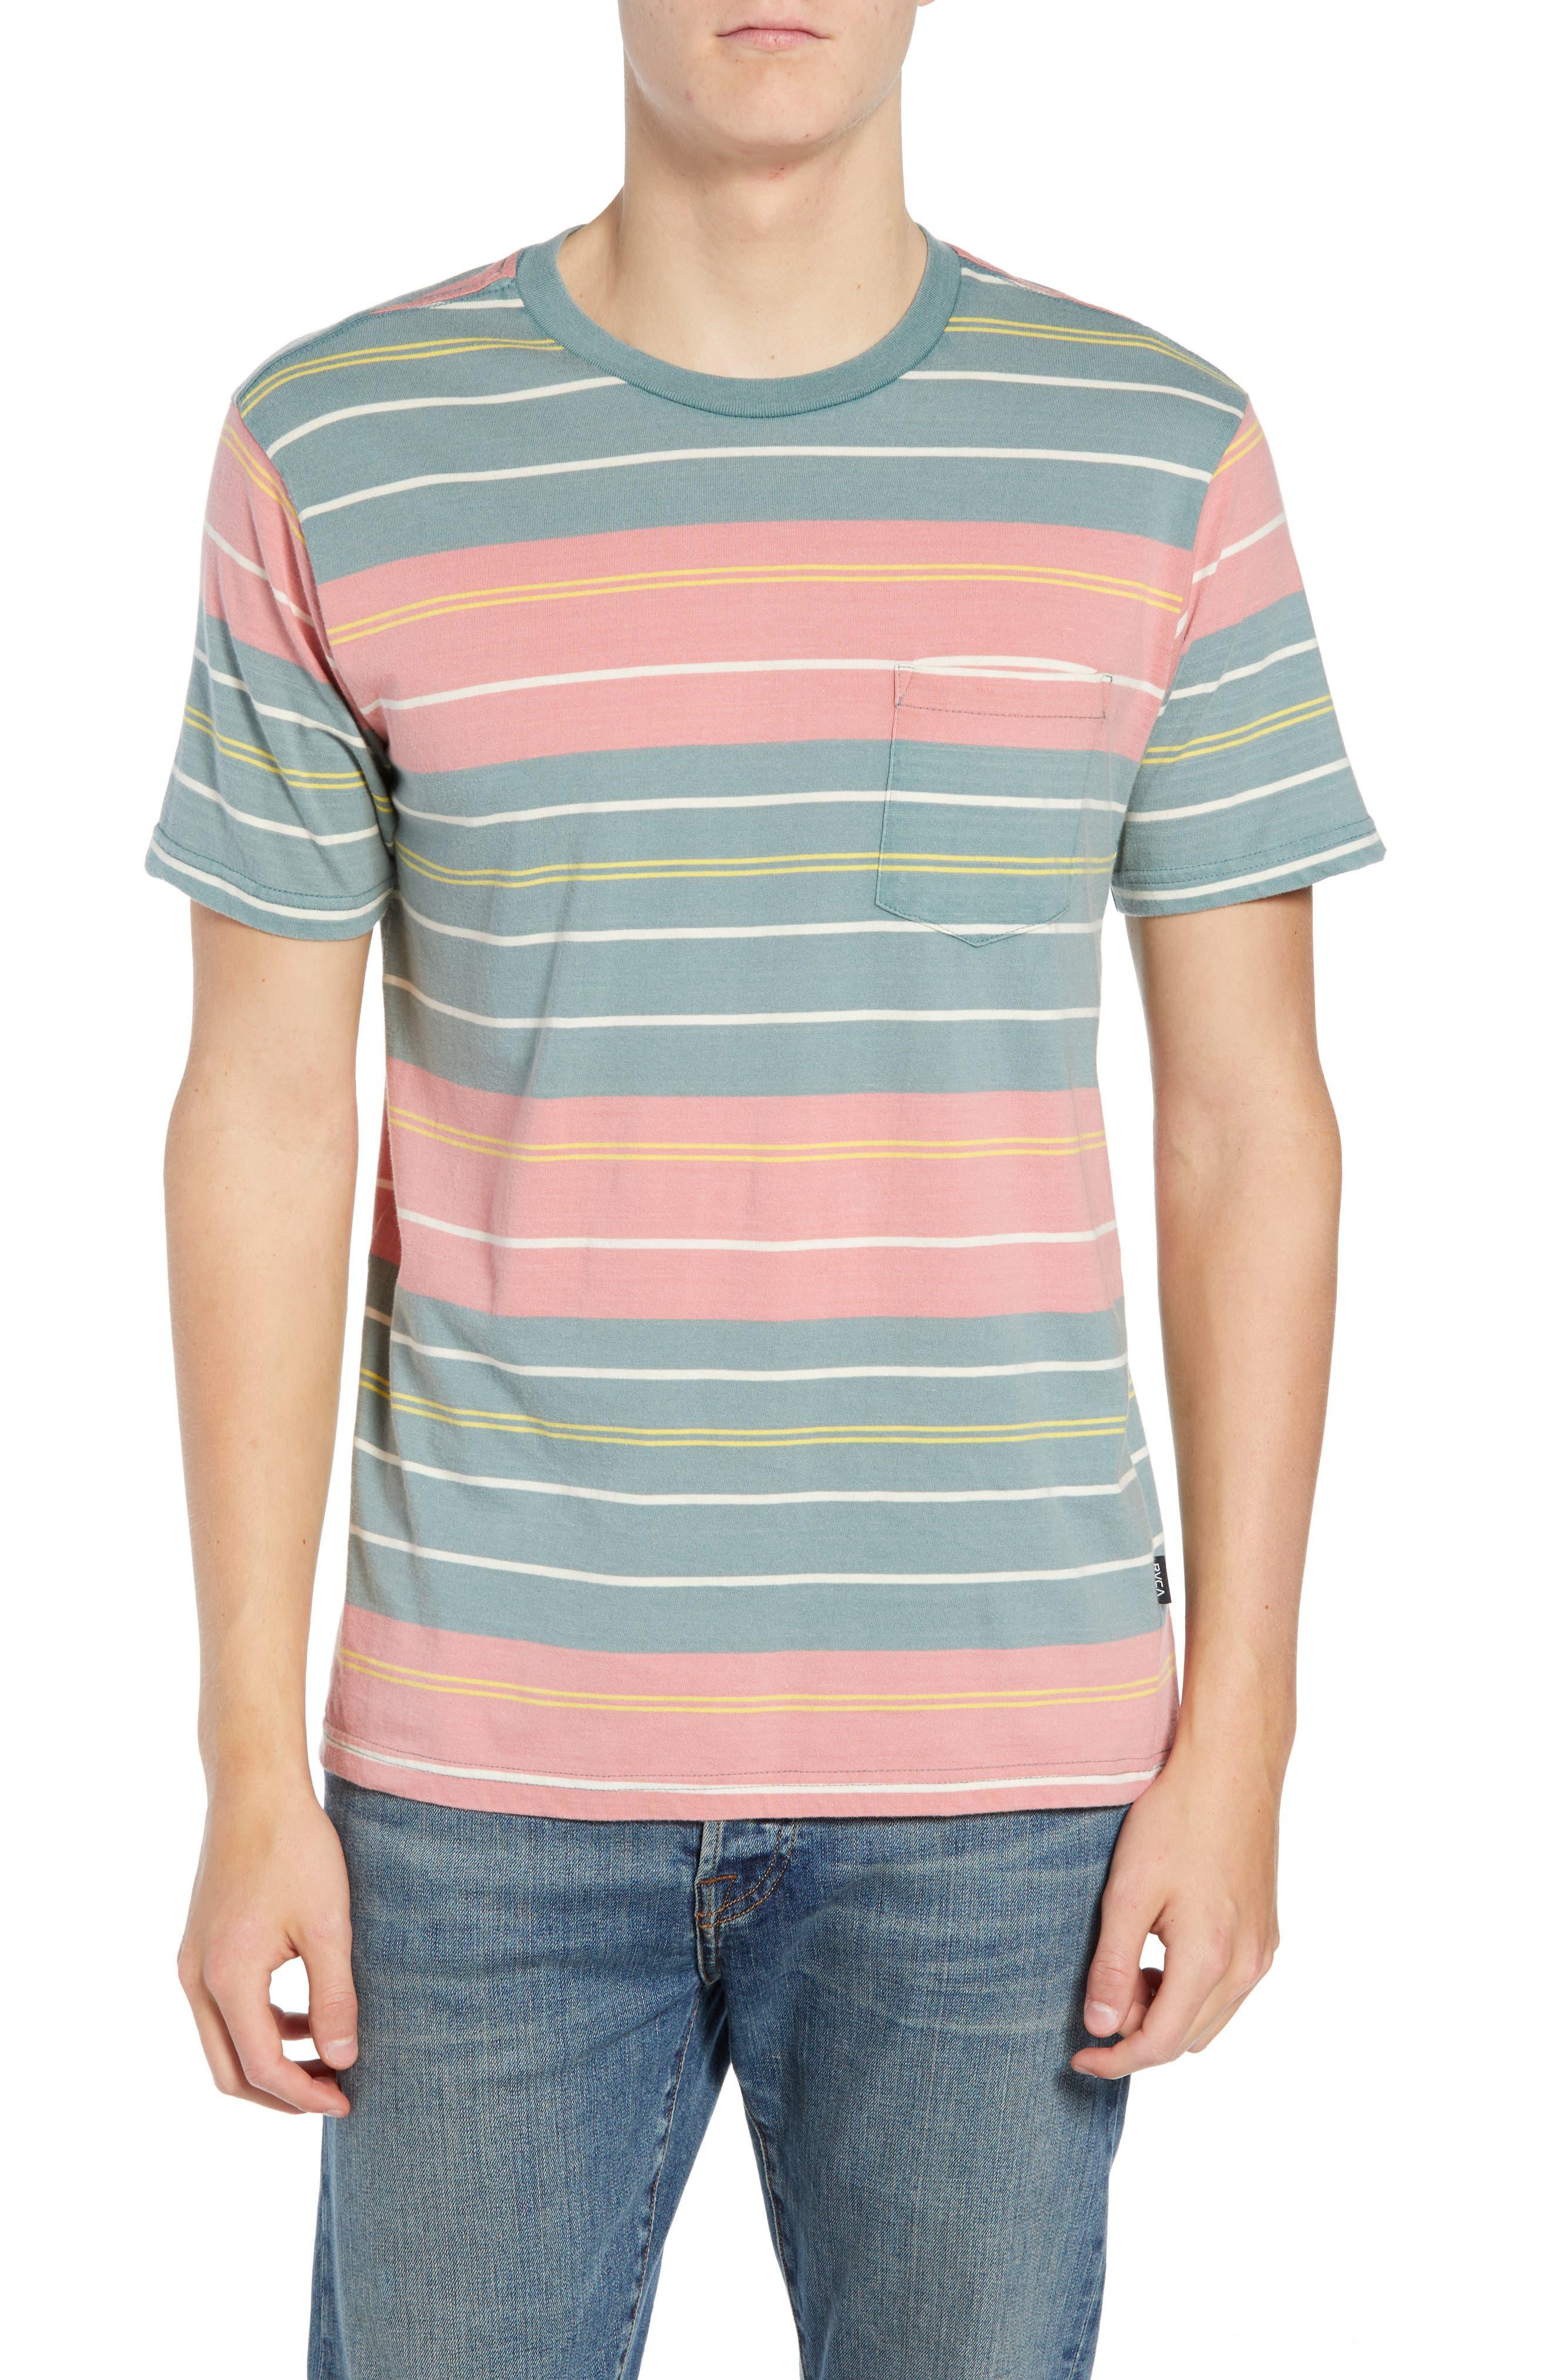 RVCA, Rusholme Stripe T-Shirt, Main thumbnail 1, color, PINE TREE